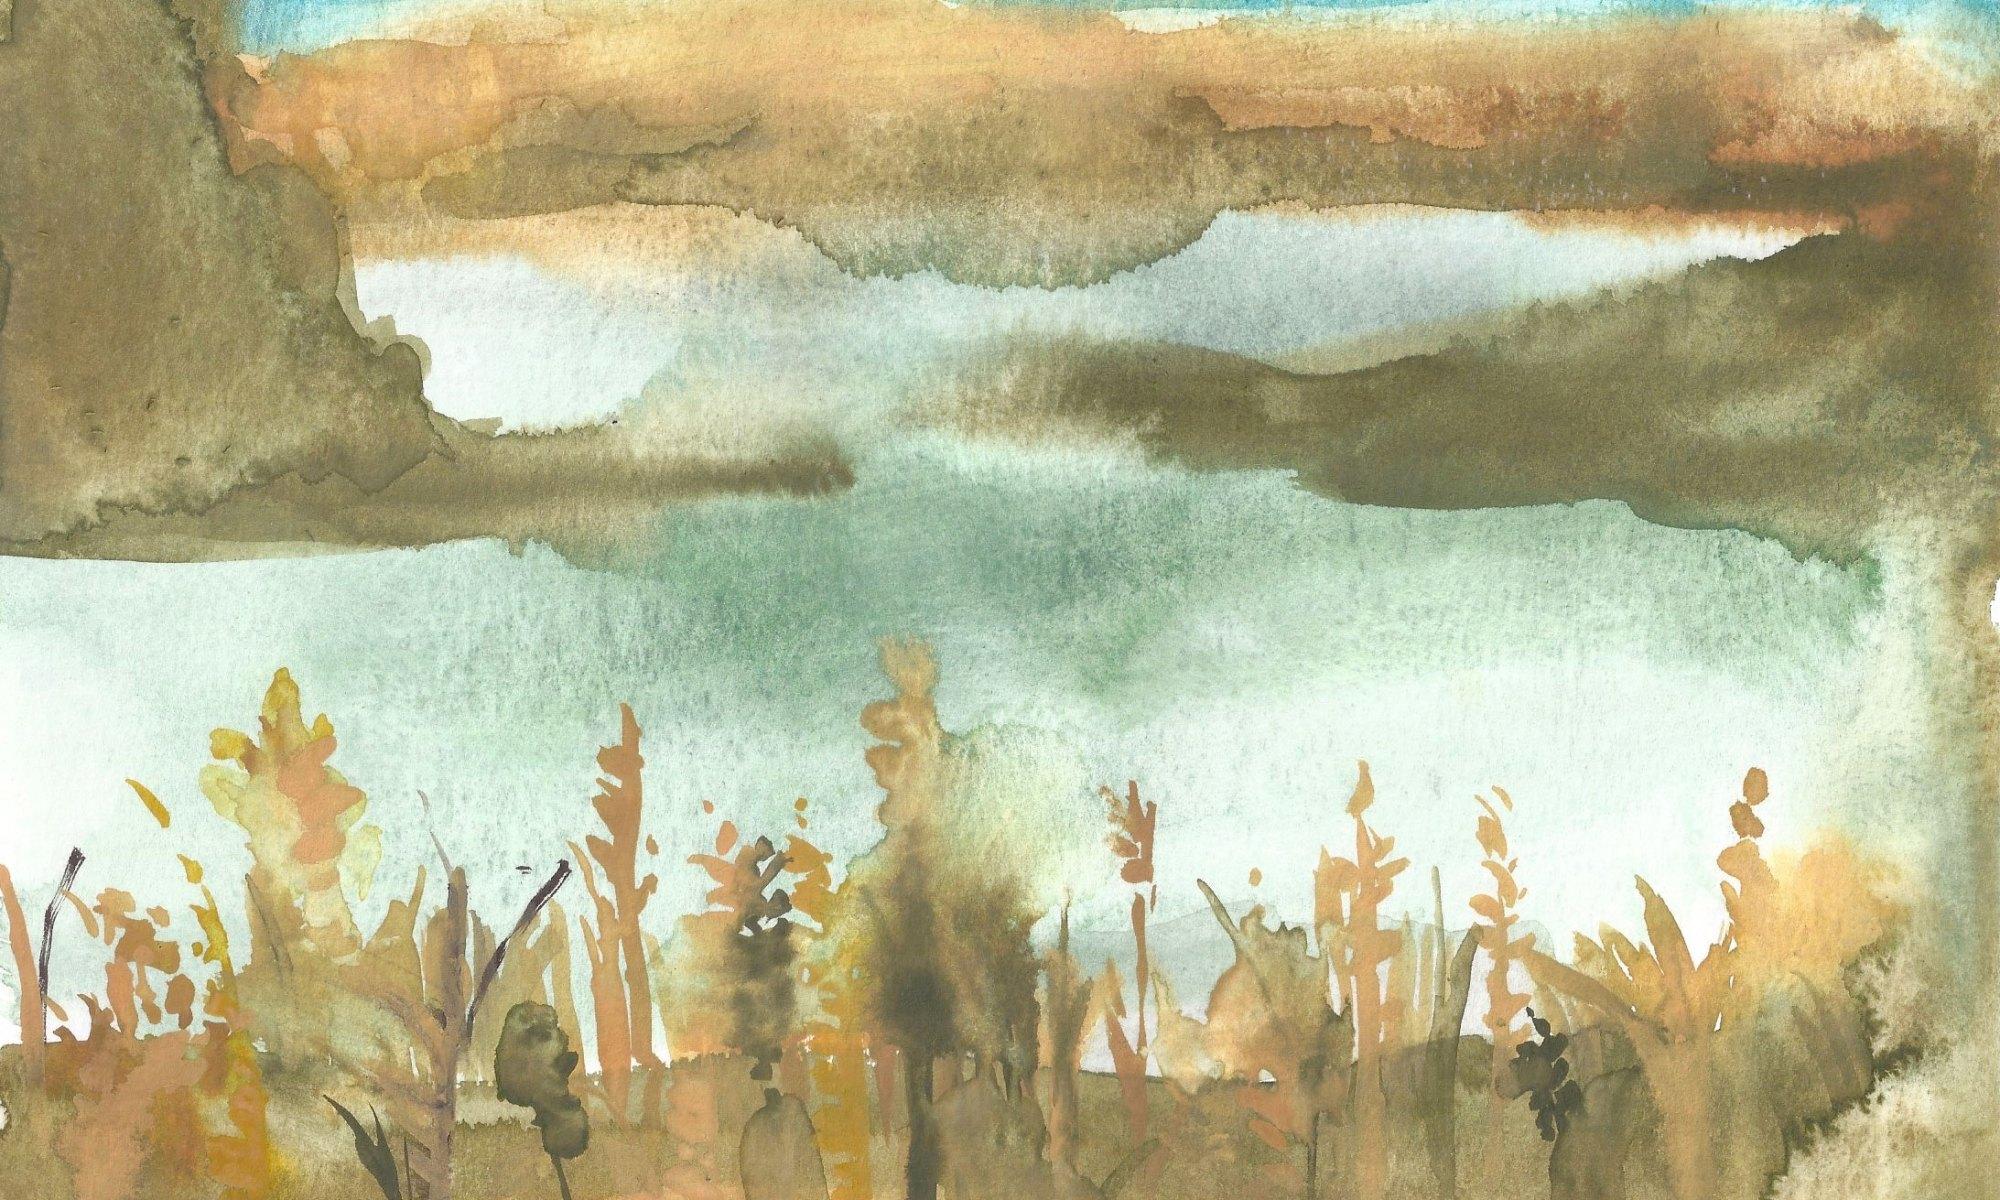 watercolor of river by Re McBride